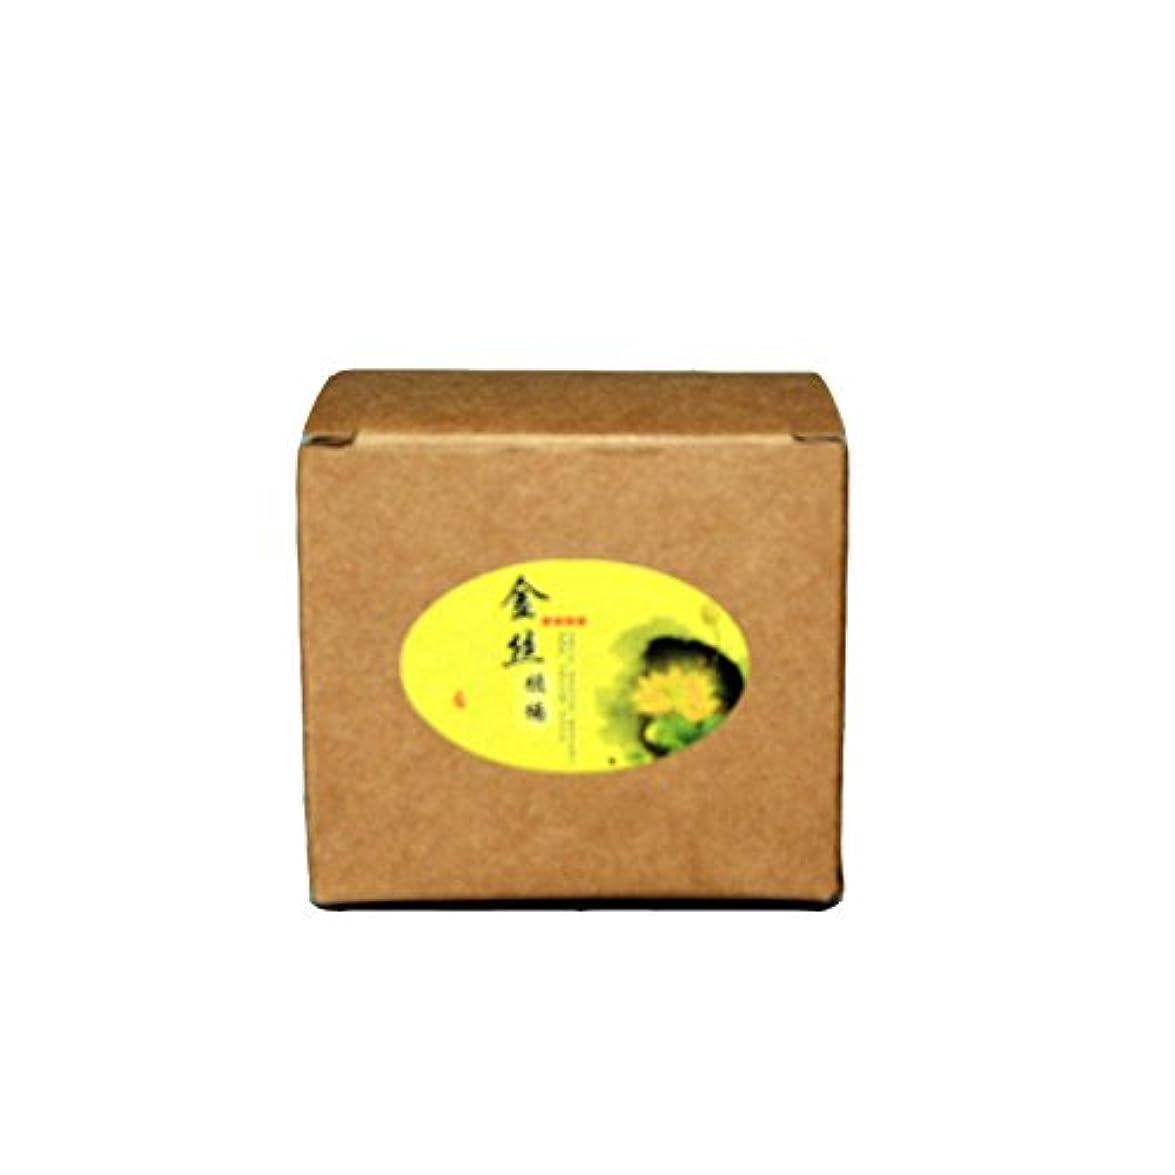 口頭エステートレンディション天然仏香; ビャクダン; きゃら;じんこう;線香;神具; 仏具; 一护の健康; マッサージを缓める; あん摩する